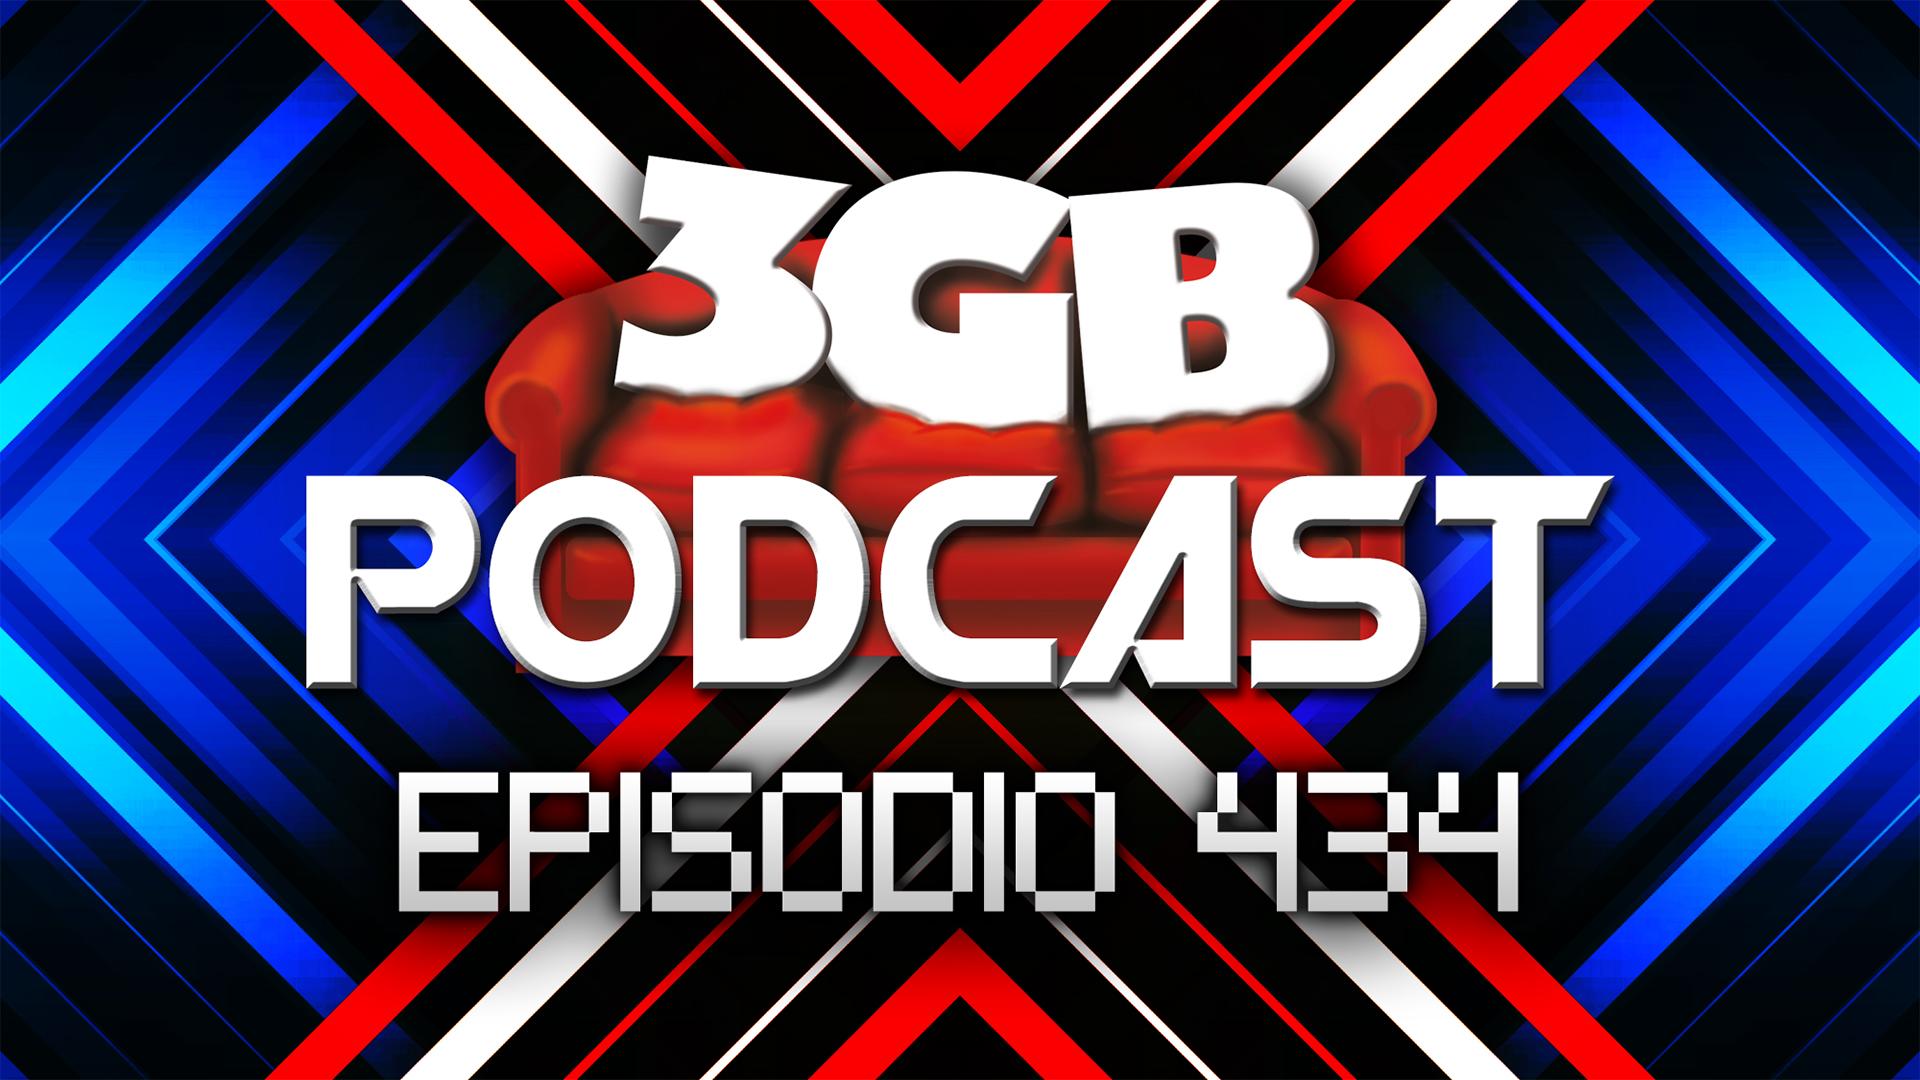 Podcast: Episodio 434, ¿Quién eres tú y qué hiciste con Sony?